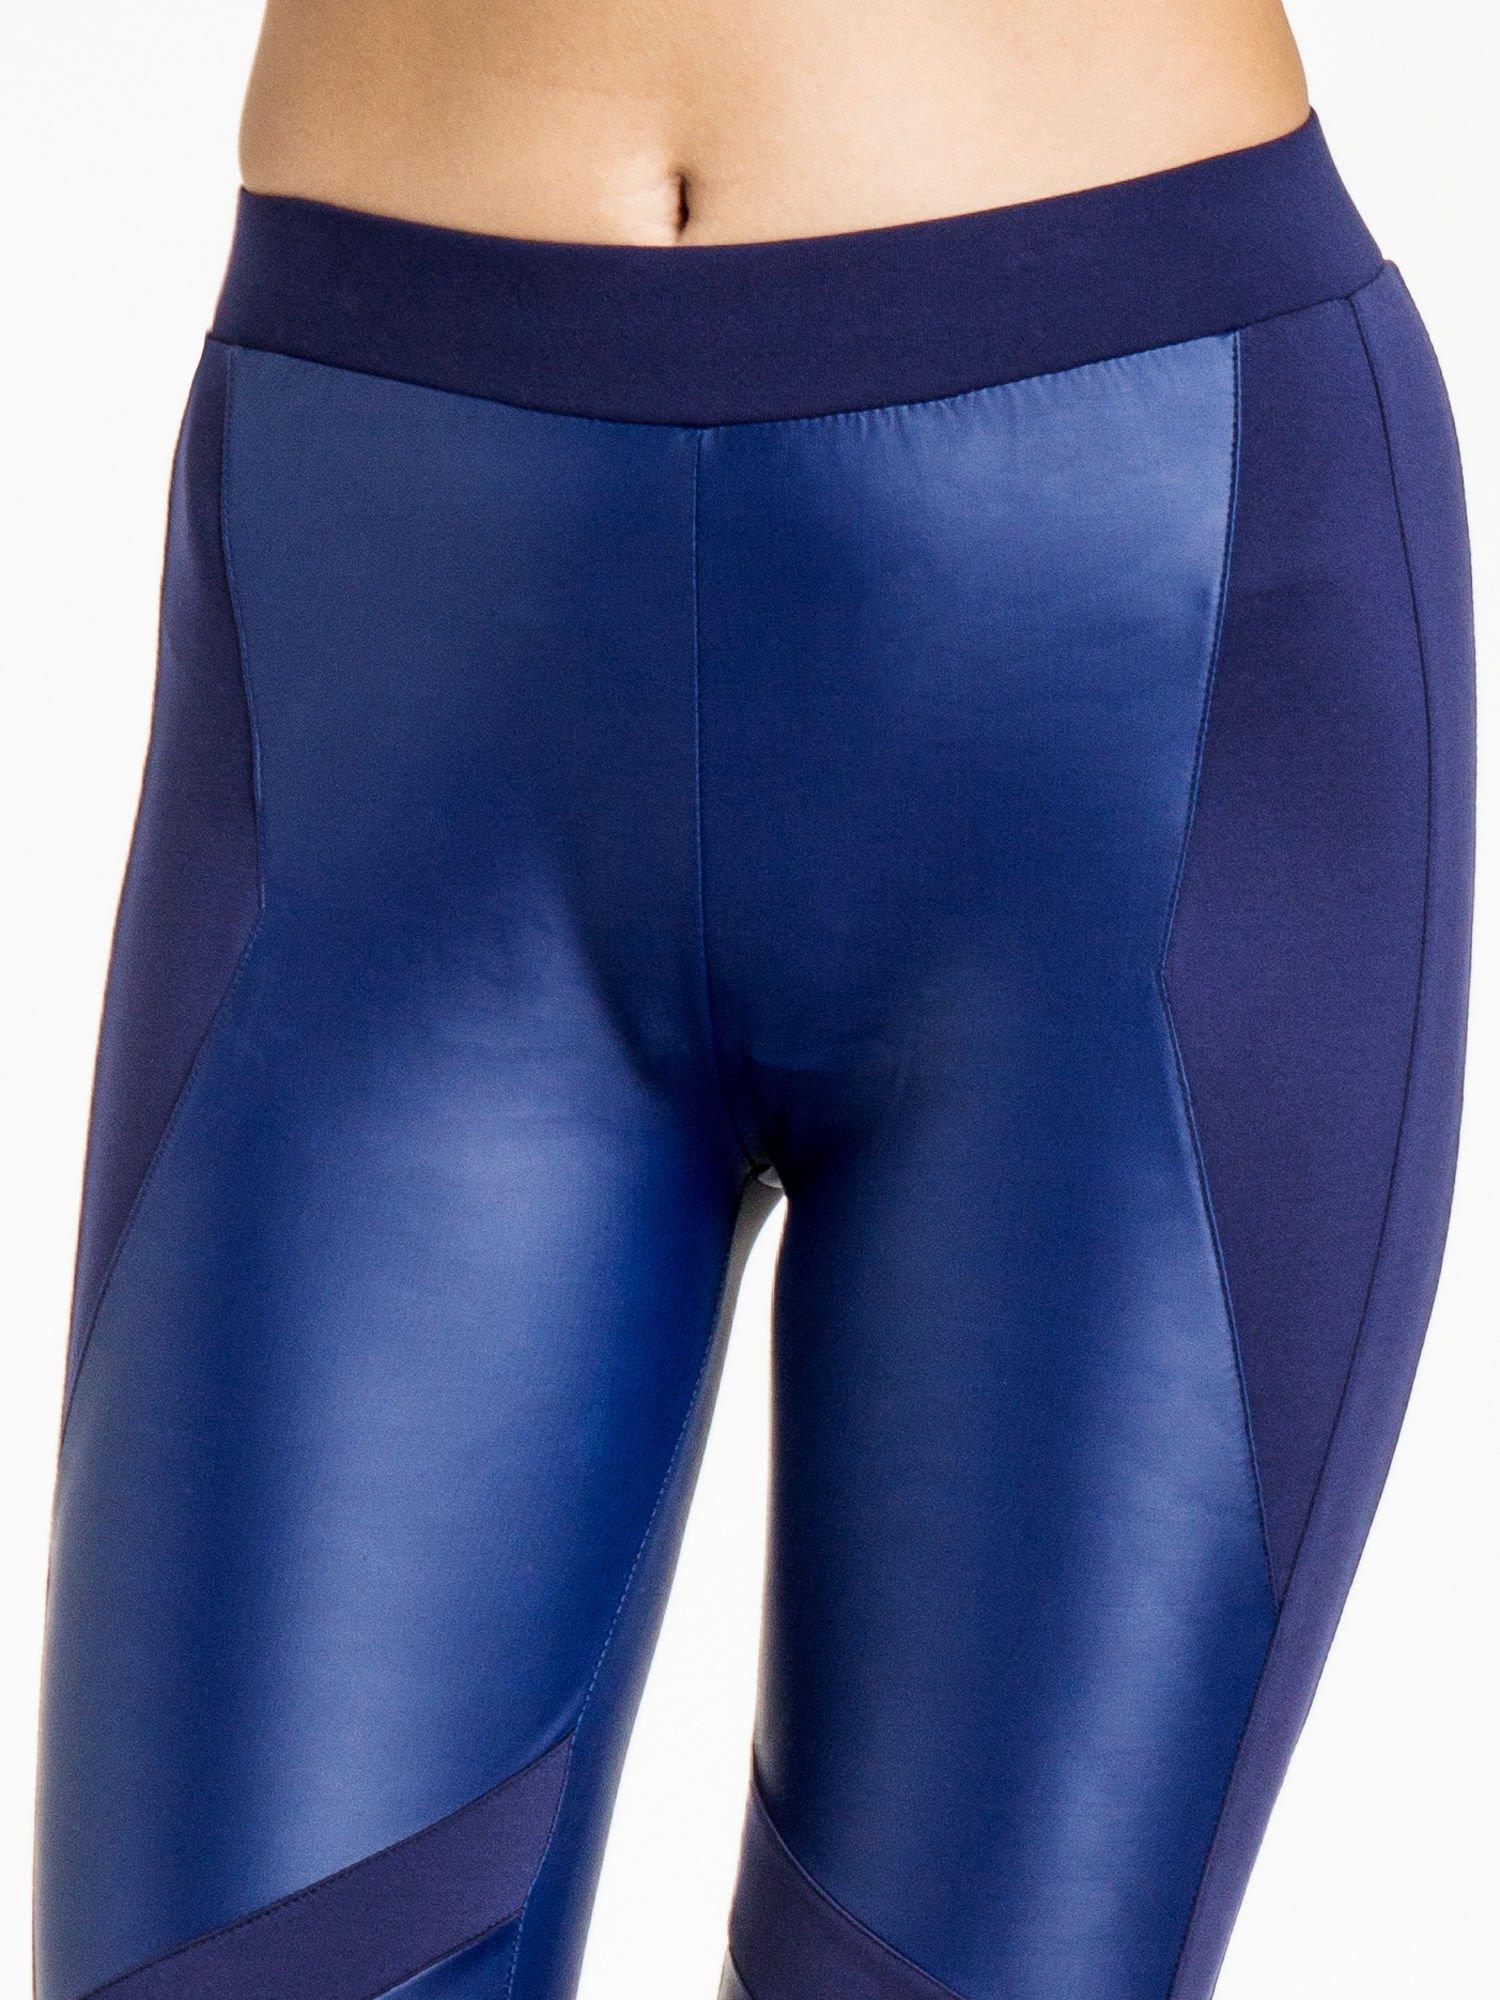 Granatowe legginsy modelujące ze skórzanymi panelami                                  zdj.                                  5